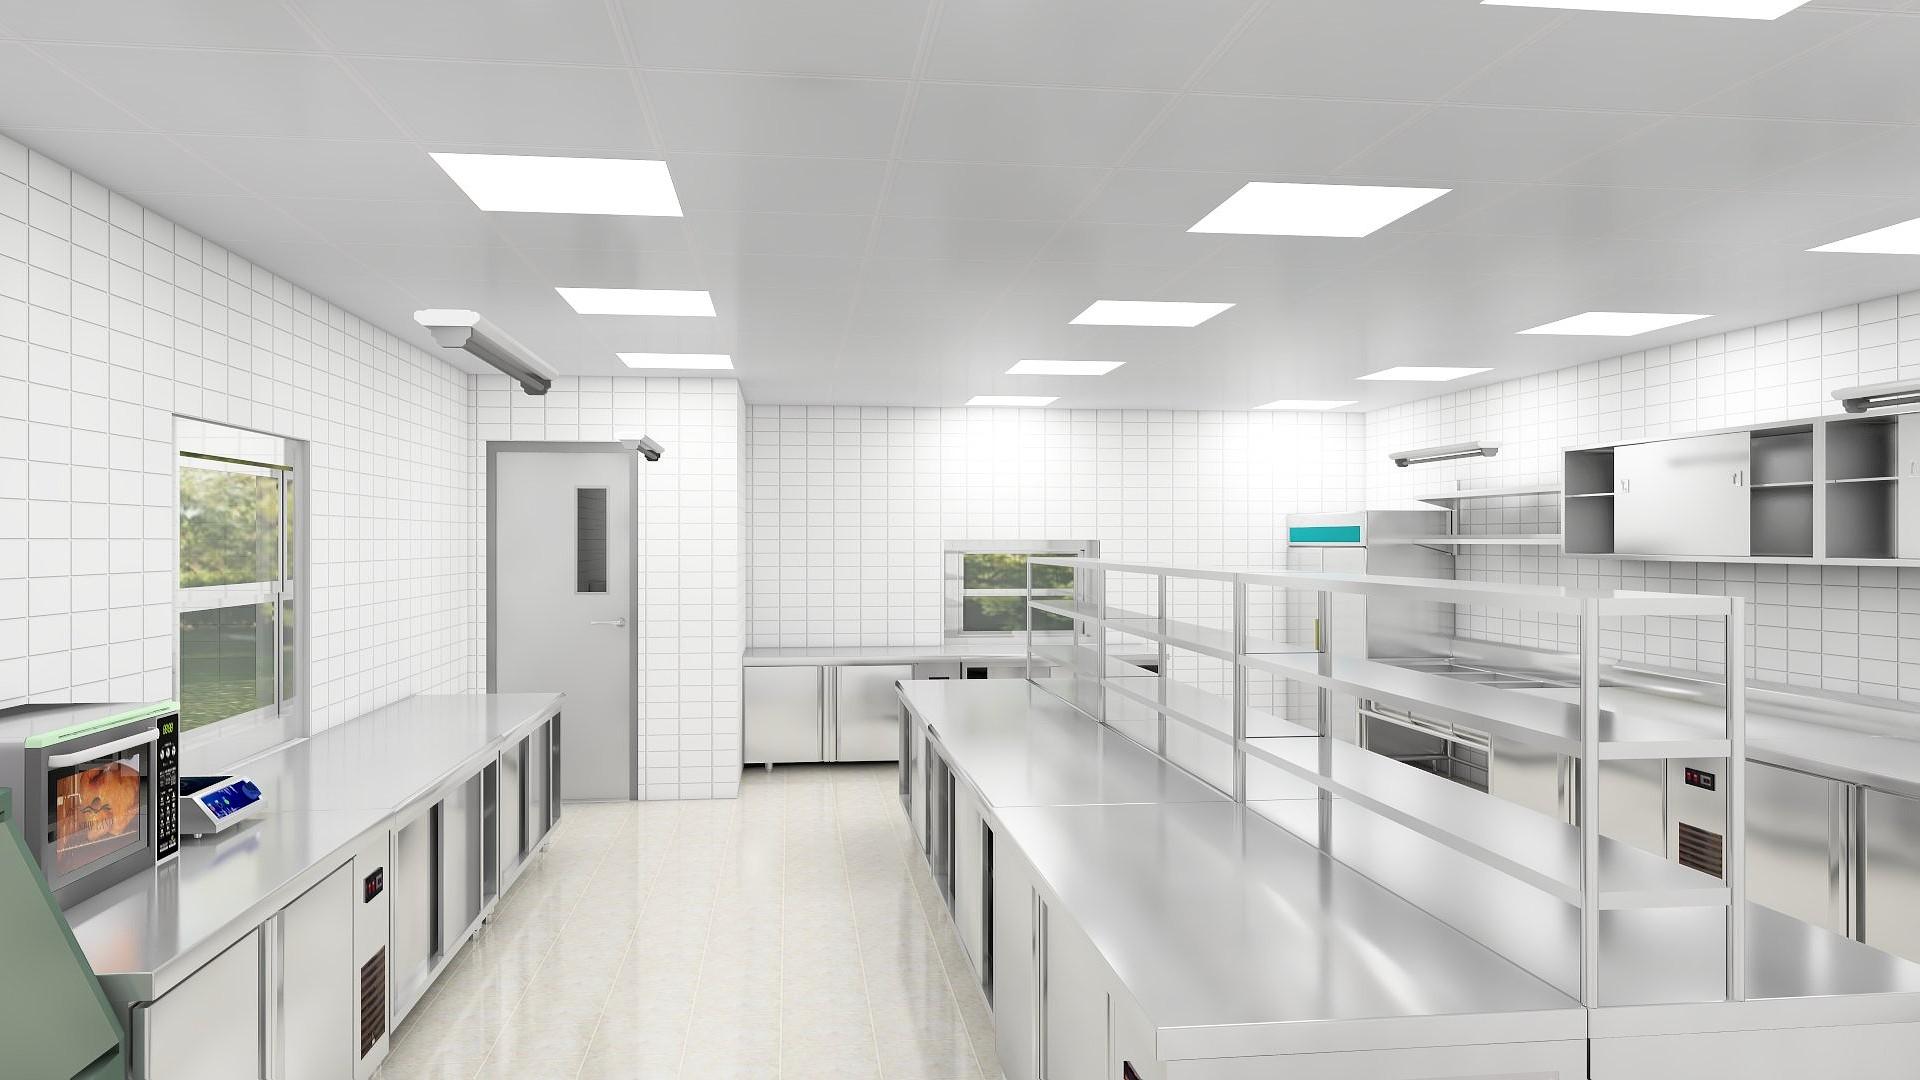 商用厨房设计-后厨空间利用最大化